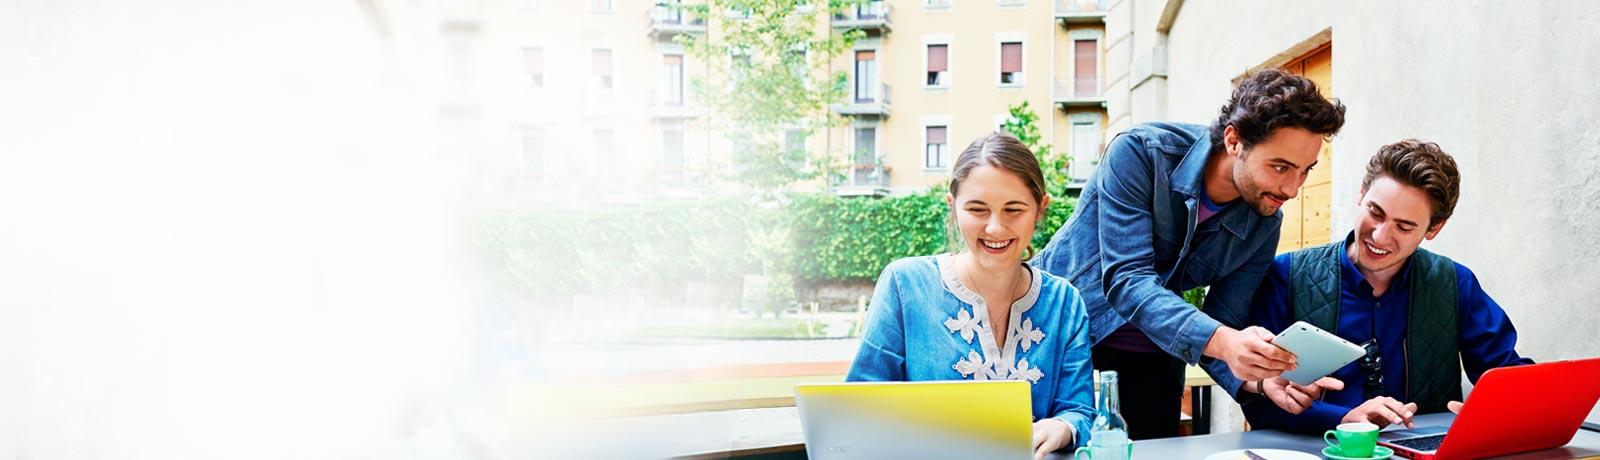 Kobieta i dwóch mężczyzn w kawiarnianym ogródku przy wspólnej pracy na komputerach przenośnych i tablecie.